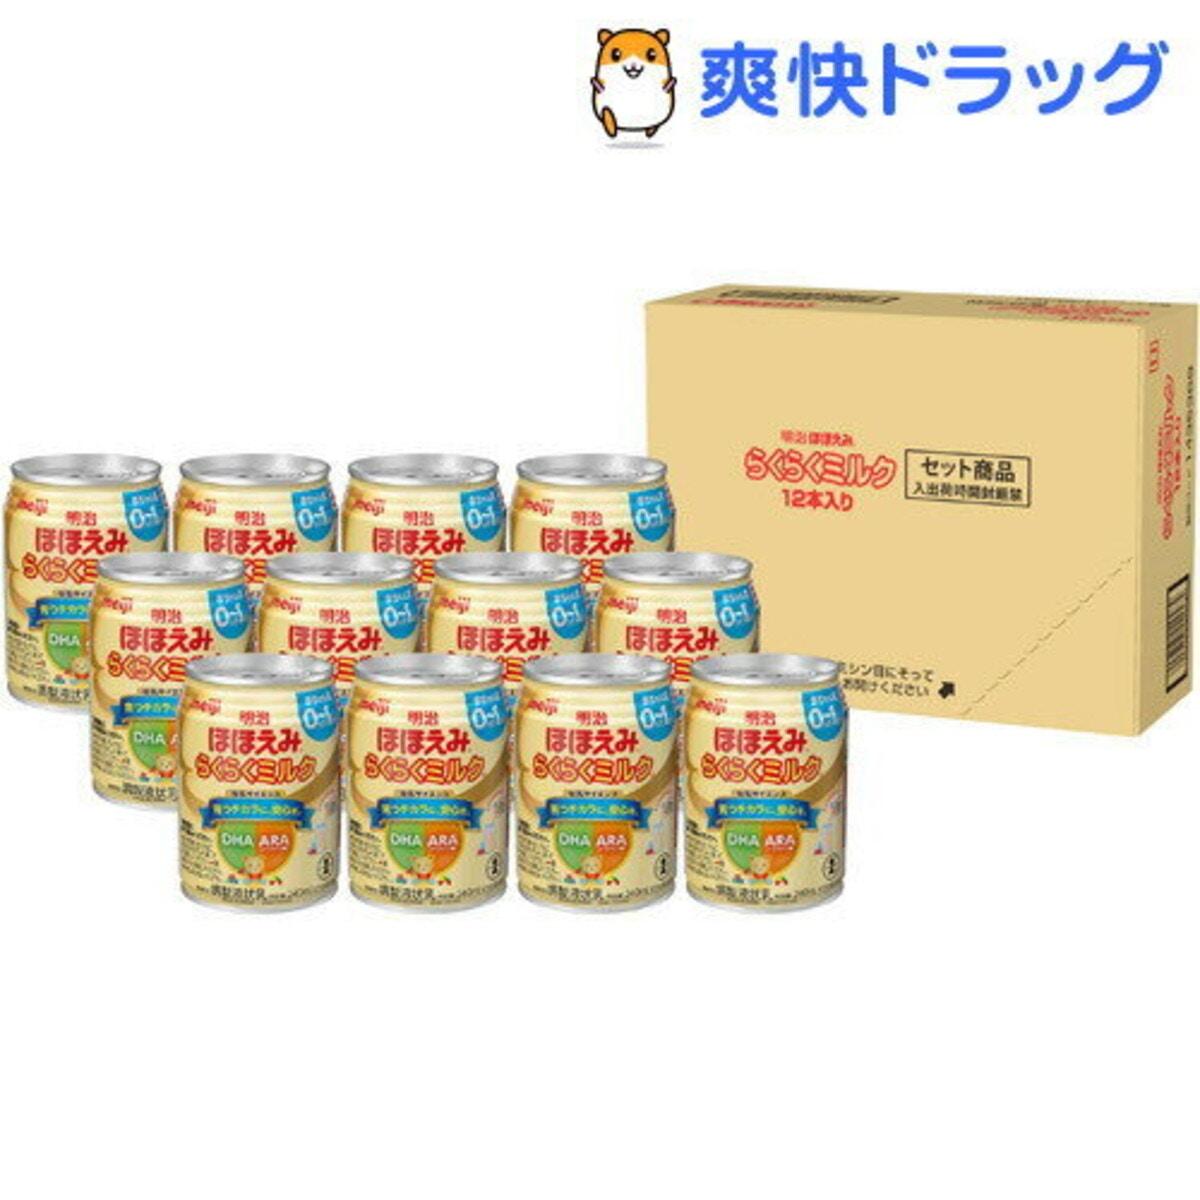 明治ほほえみ らくらくミルク 常温で飲める液体ミルク 0ヵ月から(240ml*12本入)【明治ほほえみ】